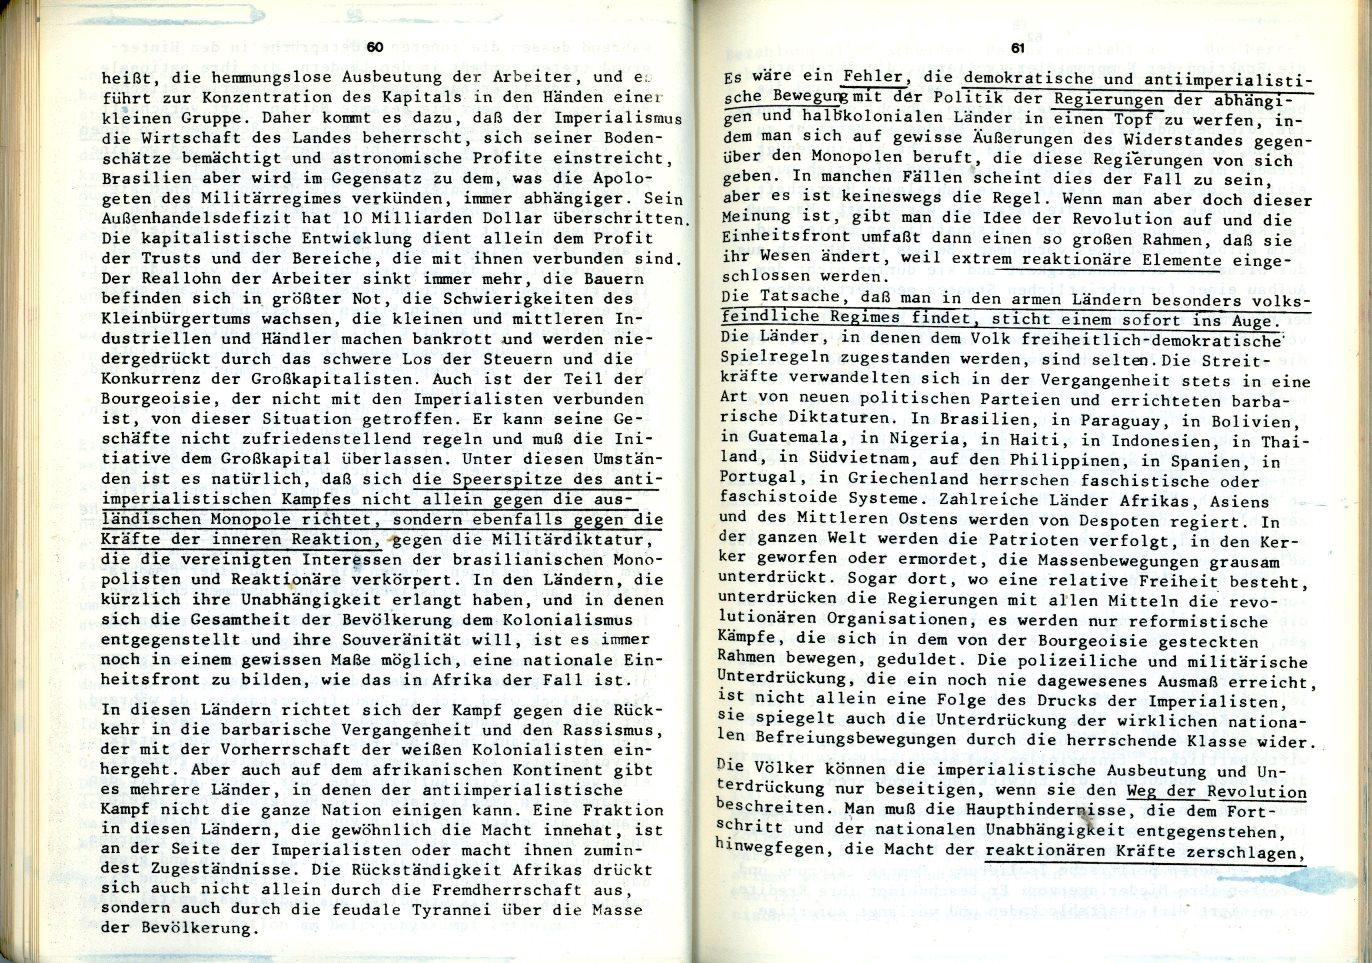 MLSK_Theorie_und_Praxis_des_ML_1978_20_39